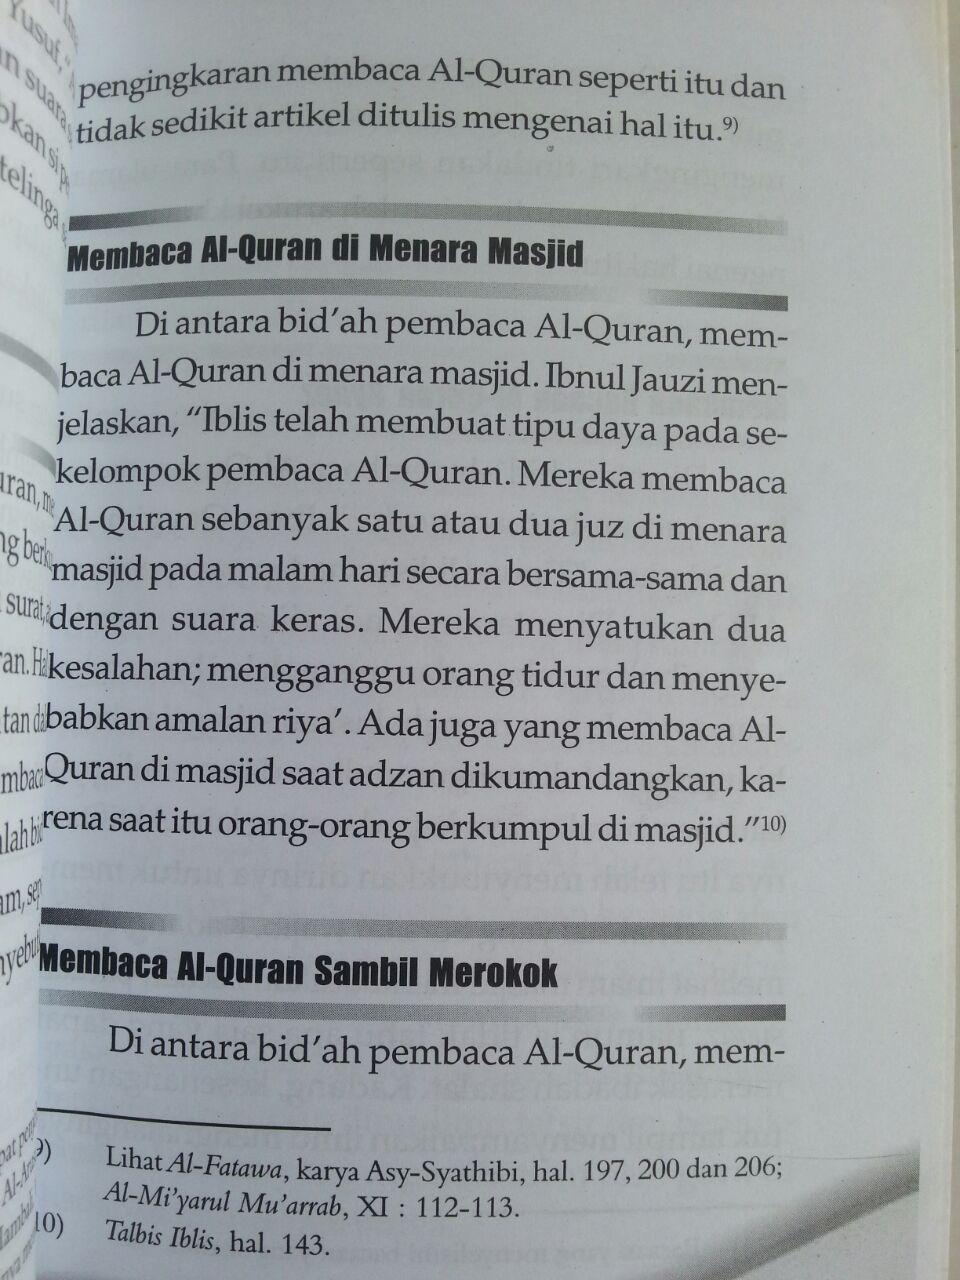 Buku Bidah Pembaca Al-Qur'an Koreksi Kesalahan Membaca Qur'an isi 3